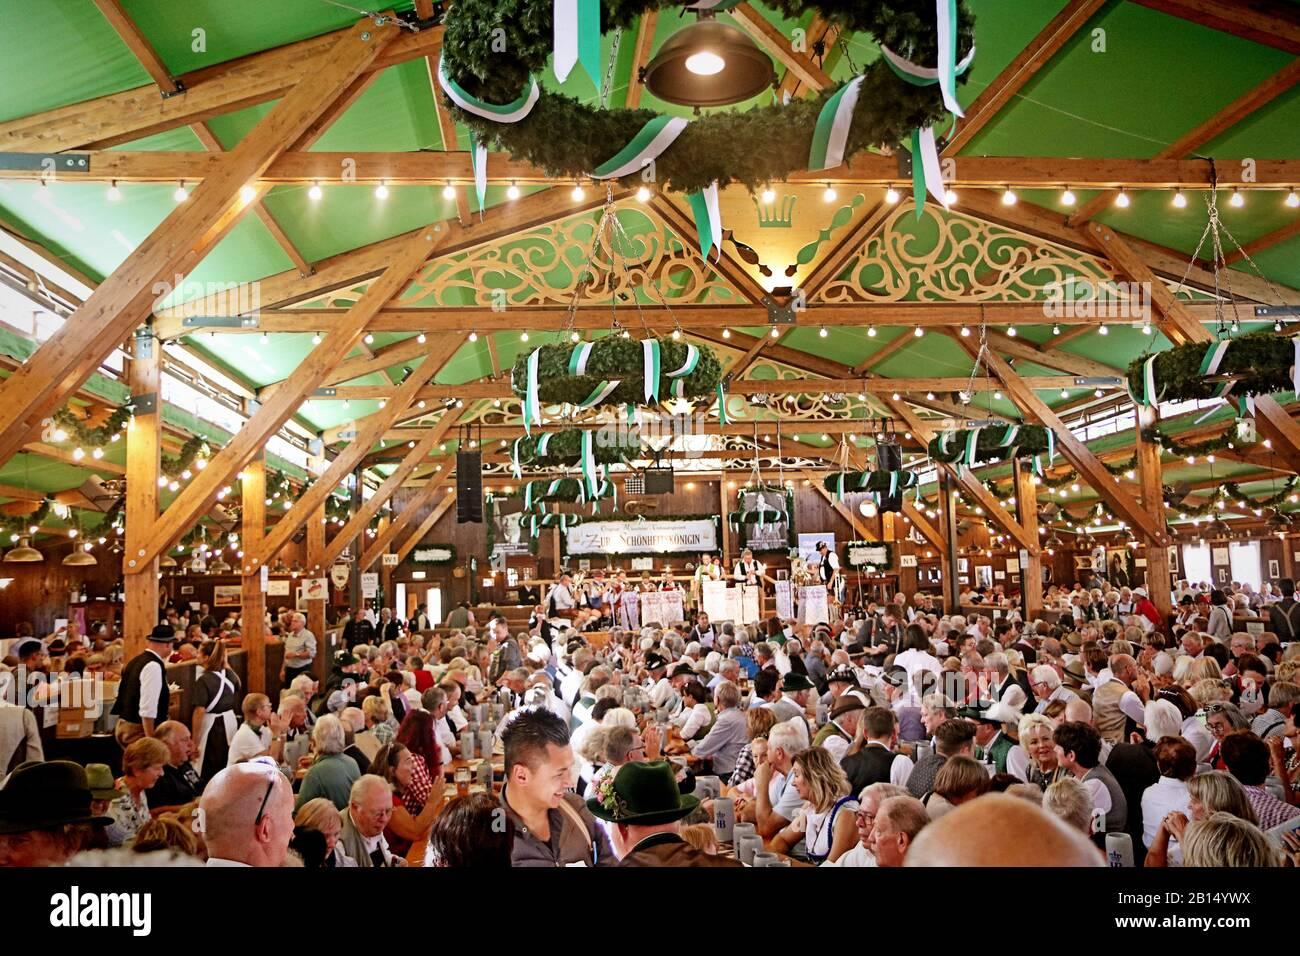 Munich, ALLEMAGNE - 1 OCTOBRE 2019 tente de bière à l'Oide Wiesn partie historique de l'Oktoberfest à Munich, environnement familial Banque D'Images